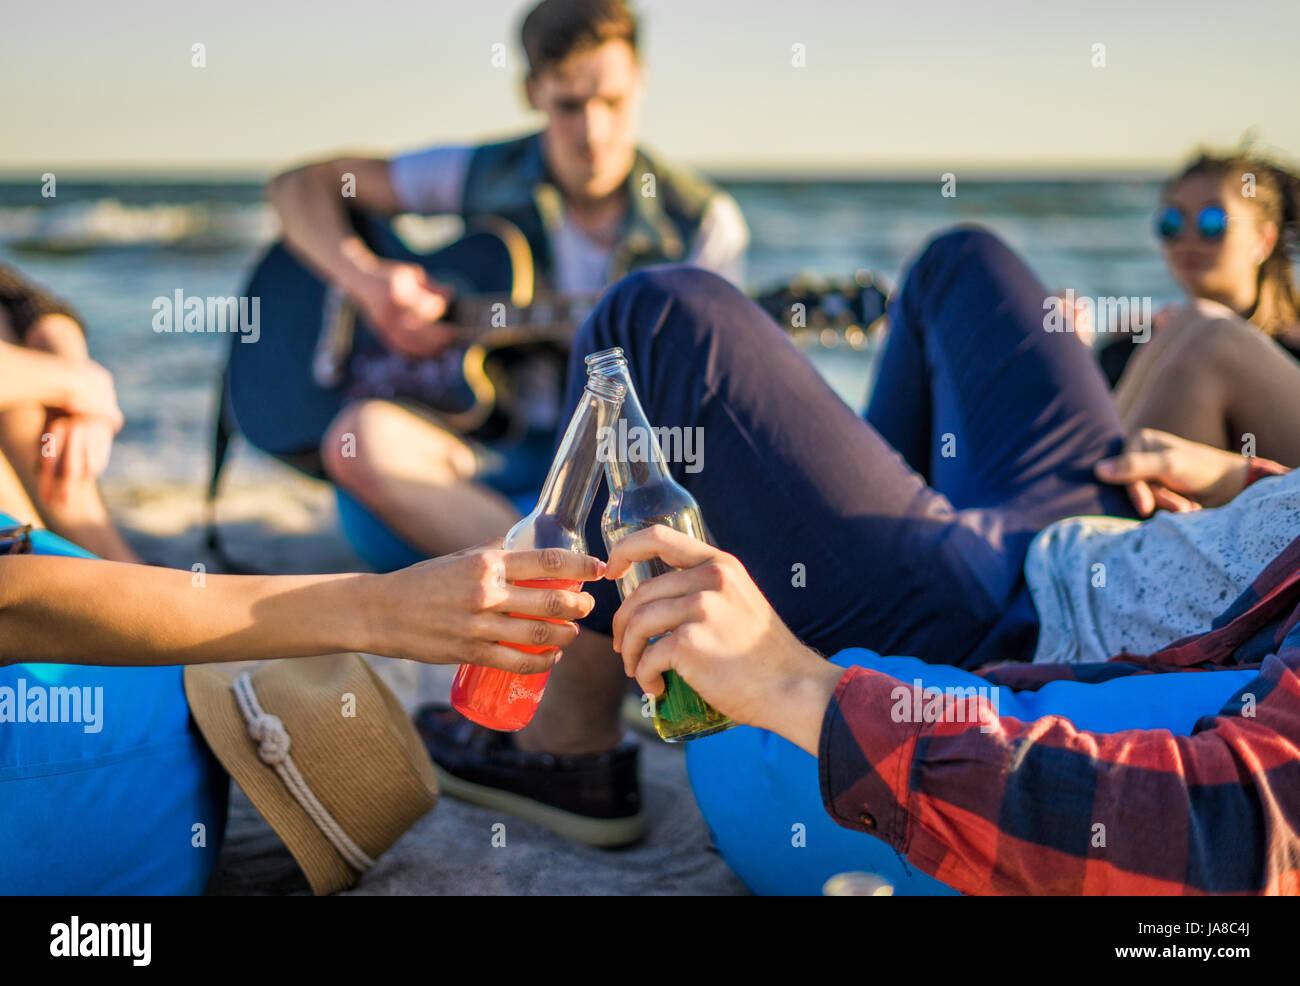 Acercamiento de manos vasos tintineo de botellas de cerveza en la playa Imagen De Stock